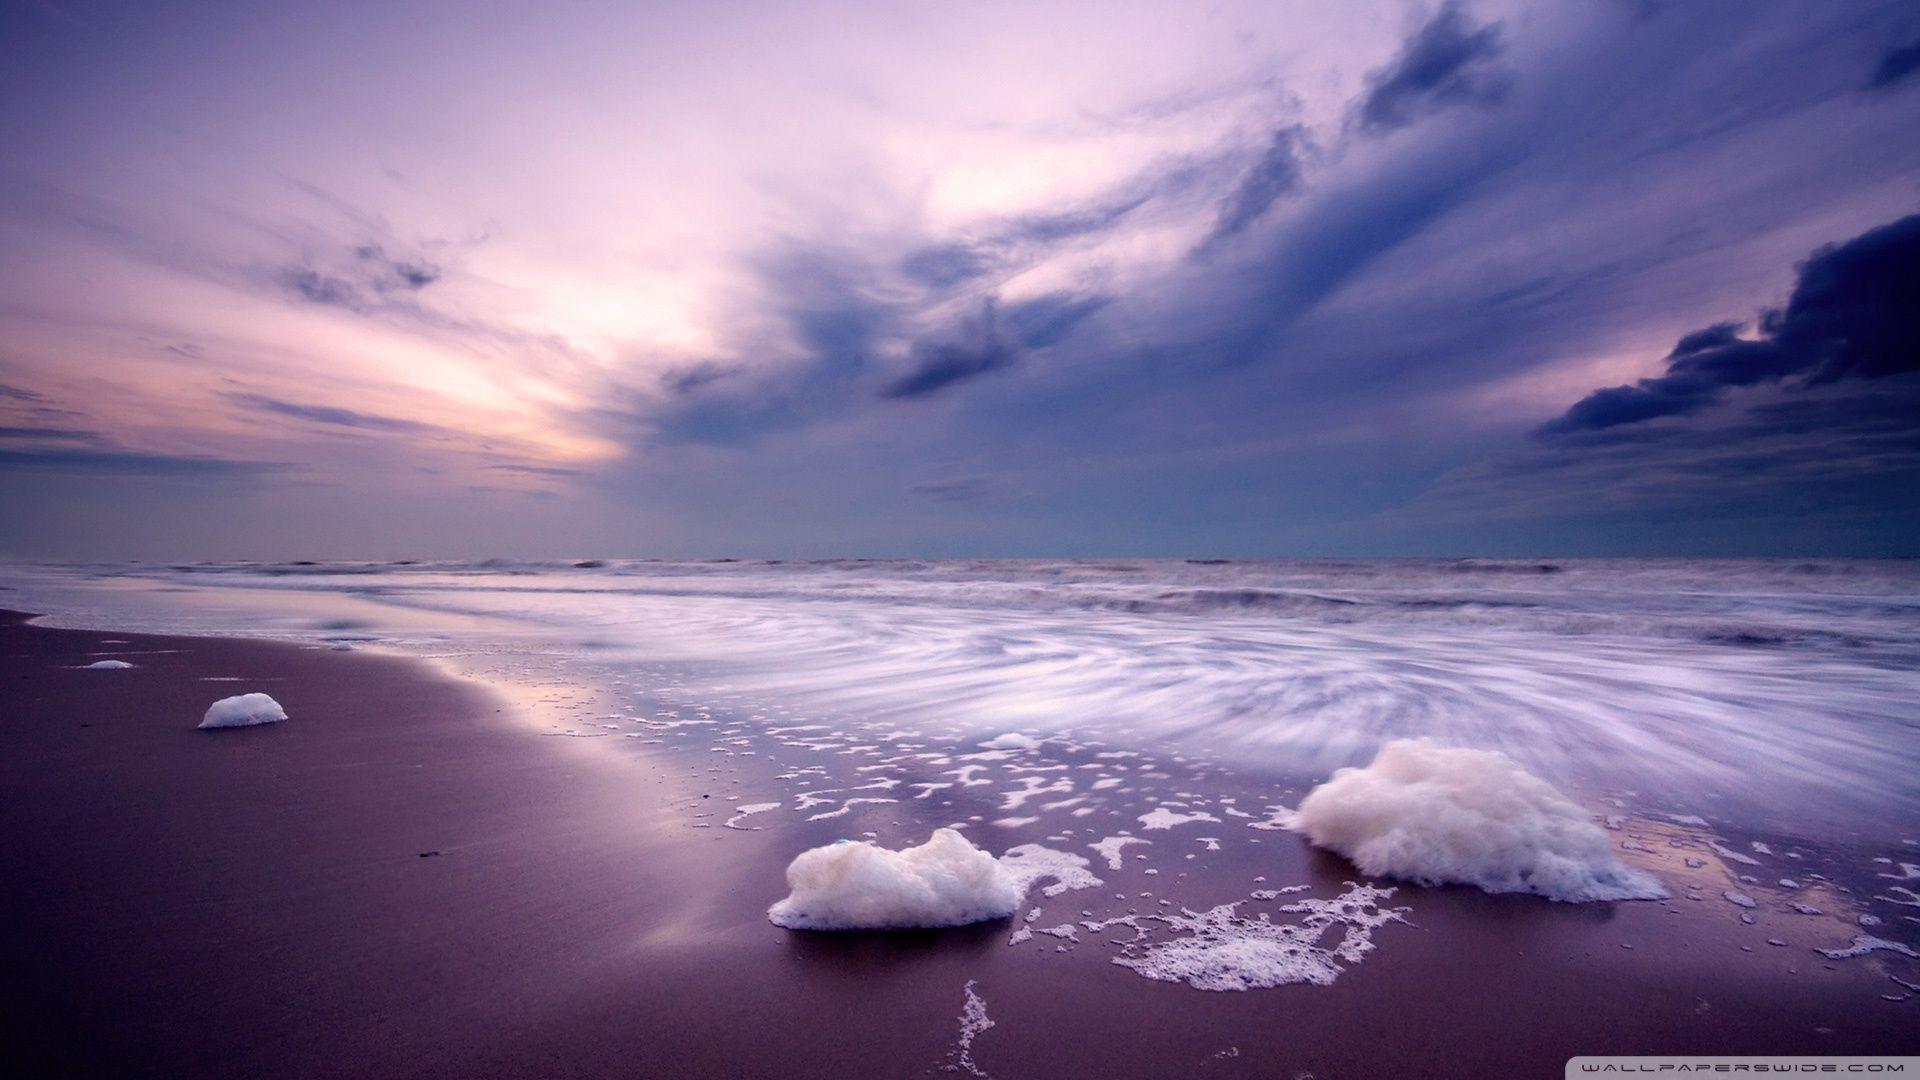 Beautiful Purple Skies Over A Beautiful Ocean Ocean At Night Beach Landscape Beautiful Sky